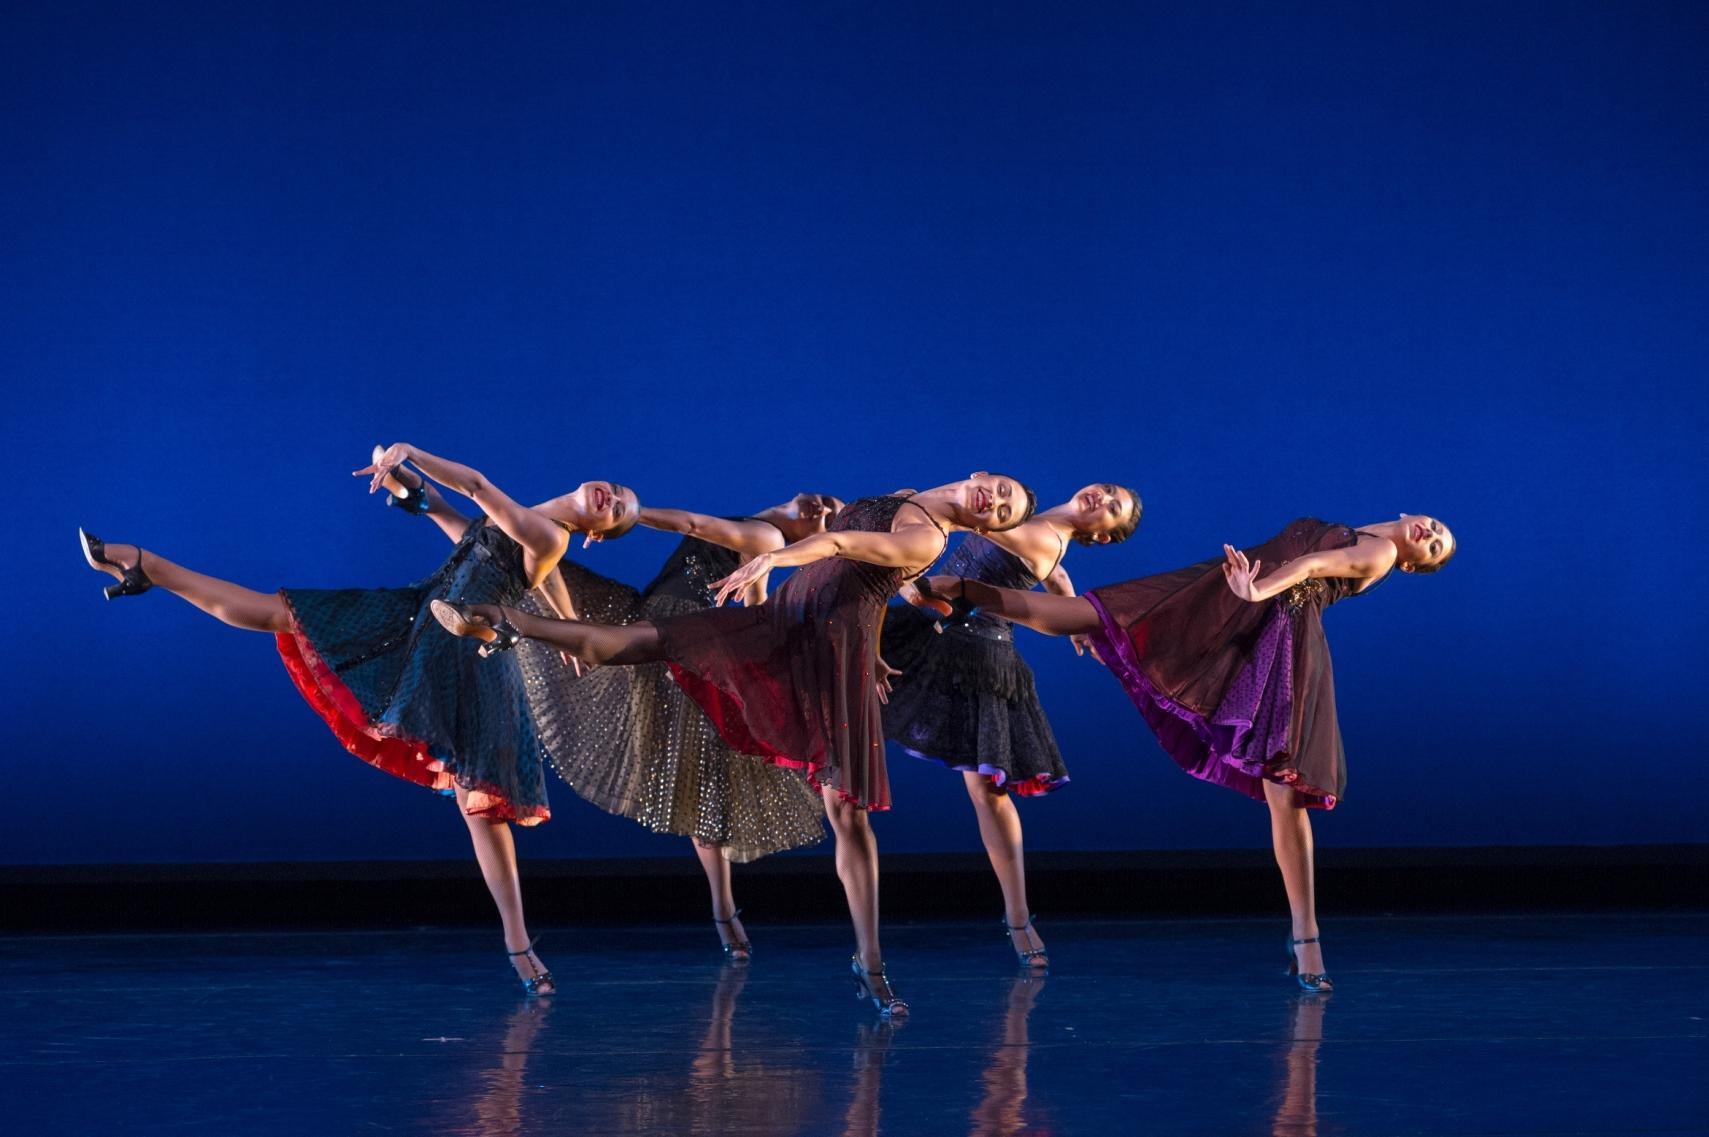 «Балет Испанико» из Нью-Йорка – впервые в Израиле. Спектакли с 23 ноября по 5 декабря